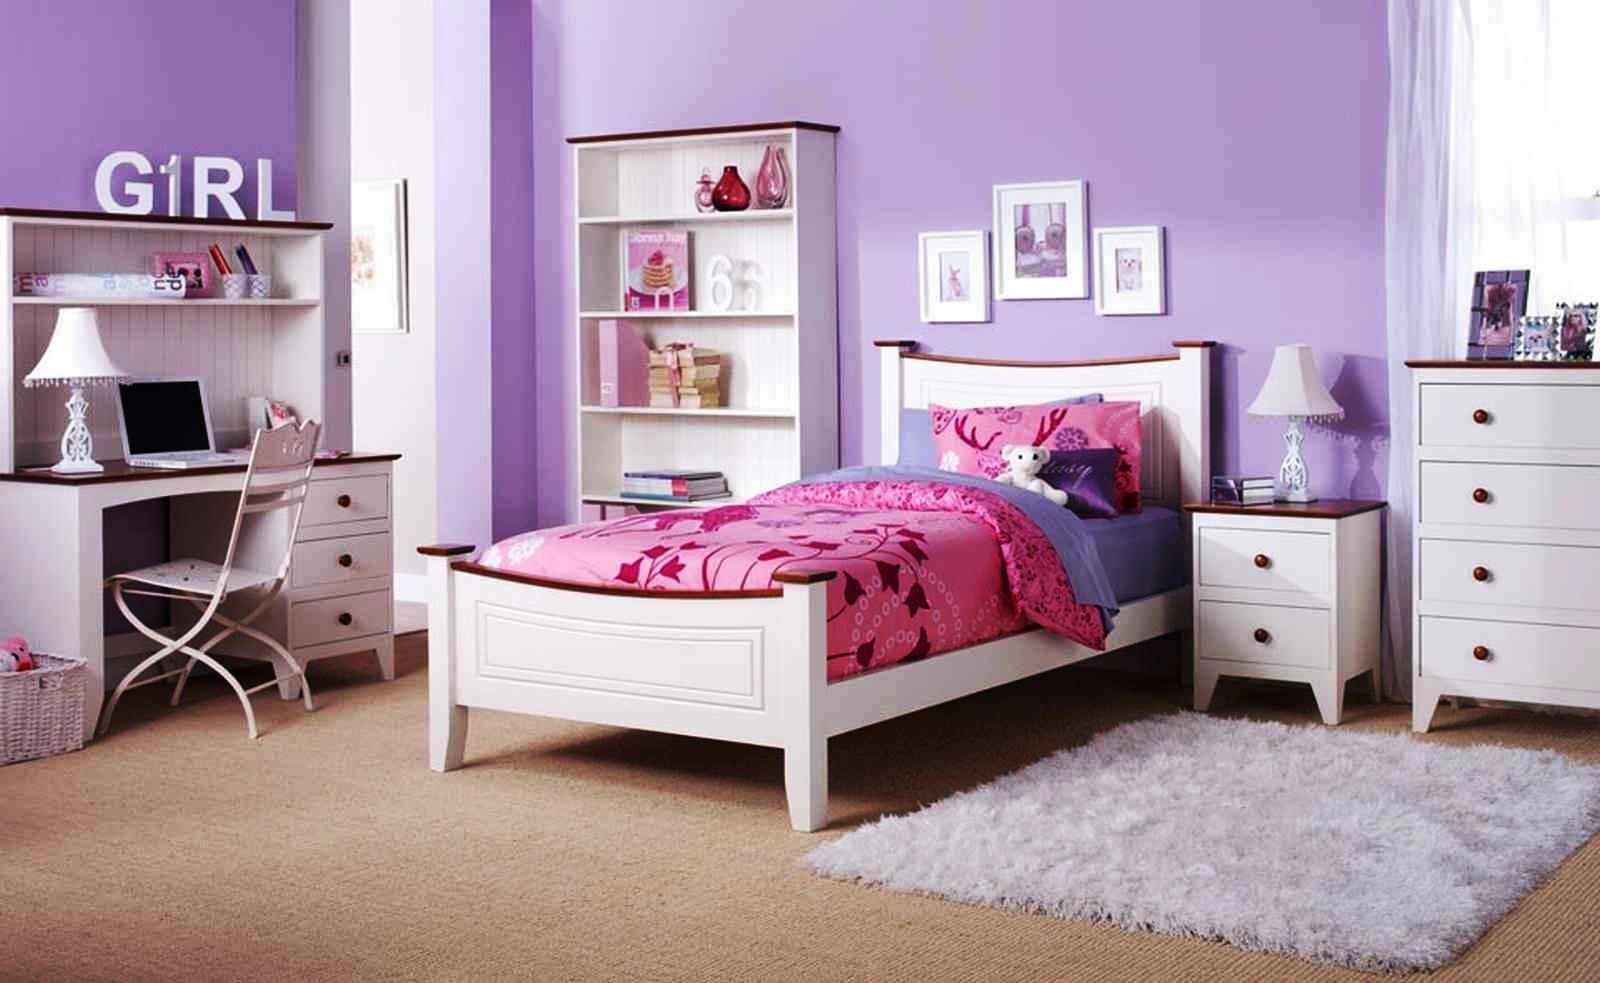 les 15 plus belles chambres de petites filles astuces pour femmes. Black Bedroom Furniture Sets. Home Design Ideas